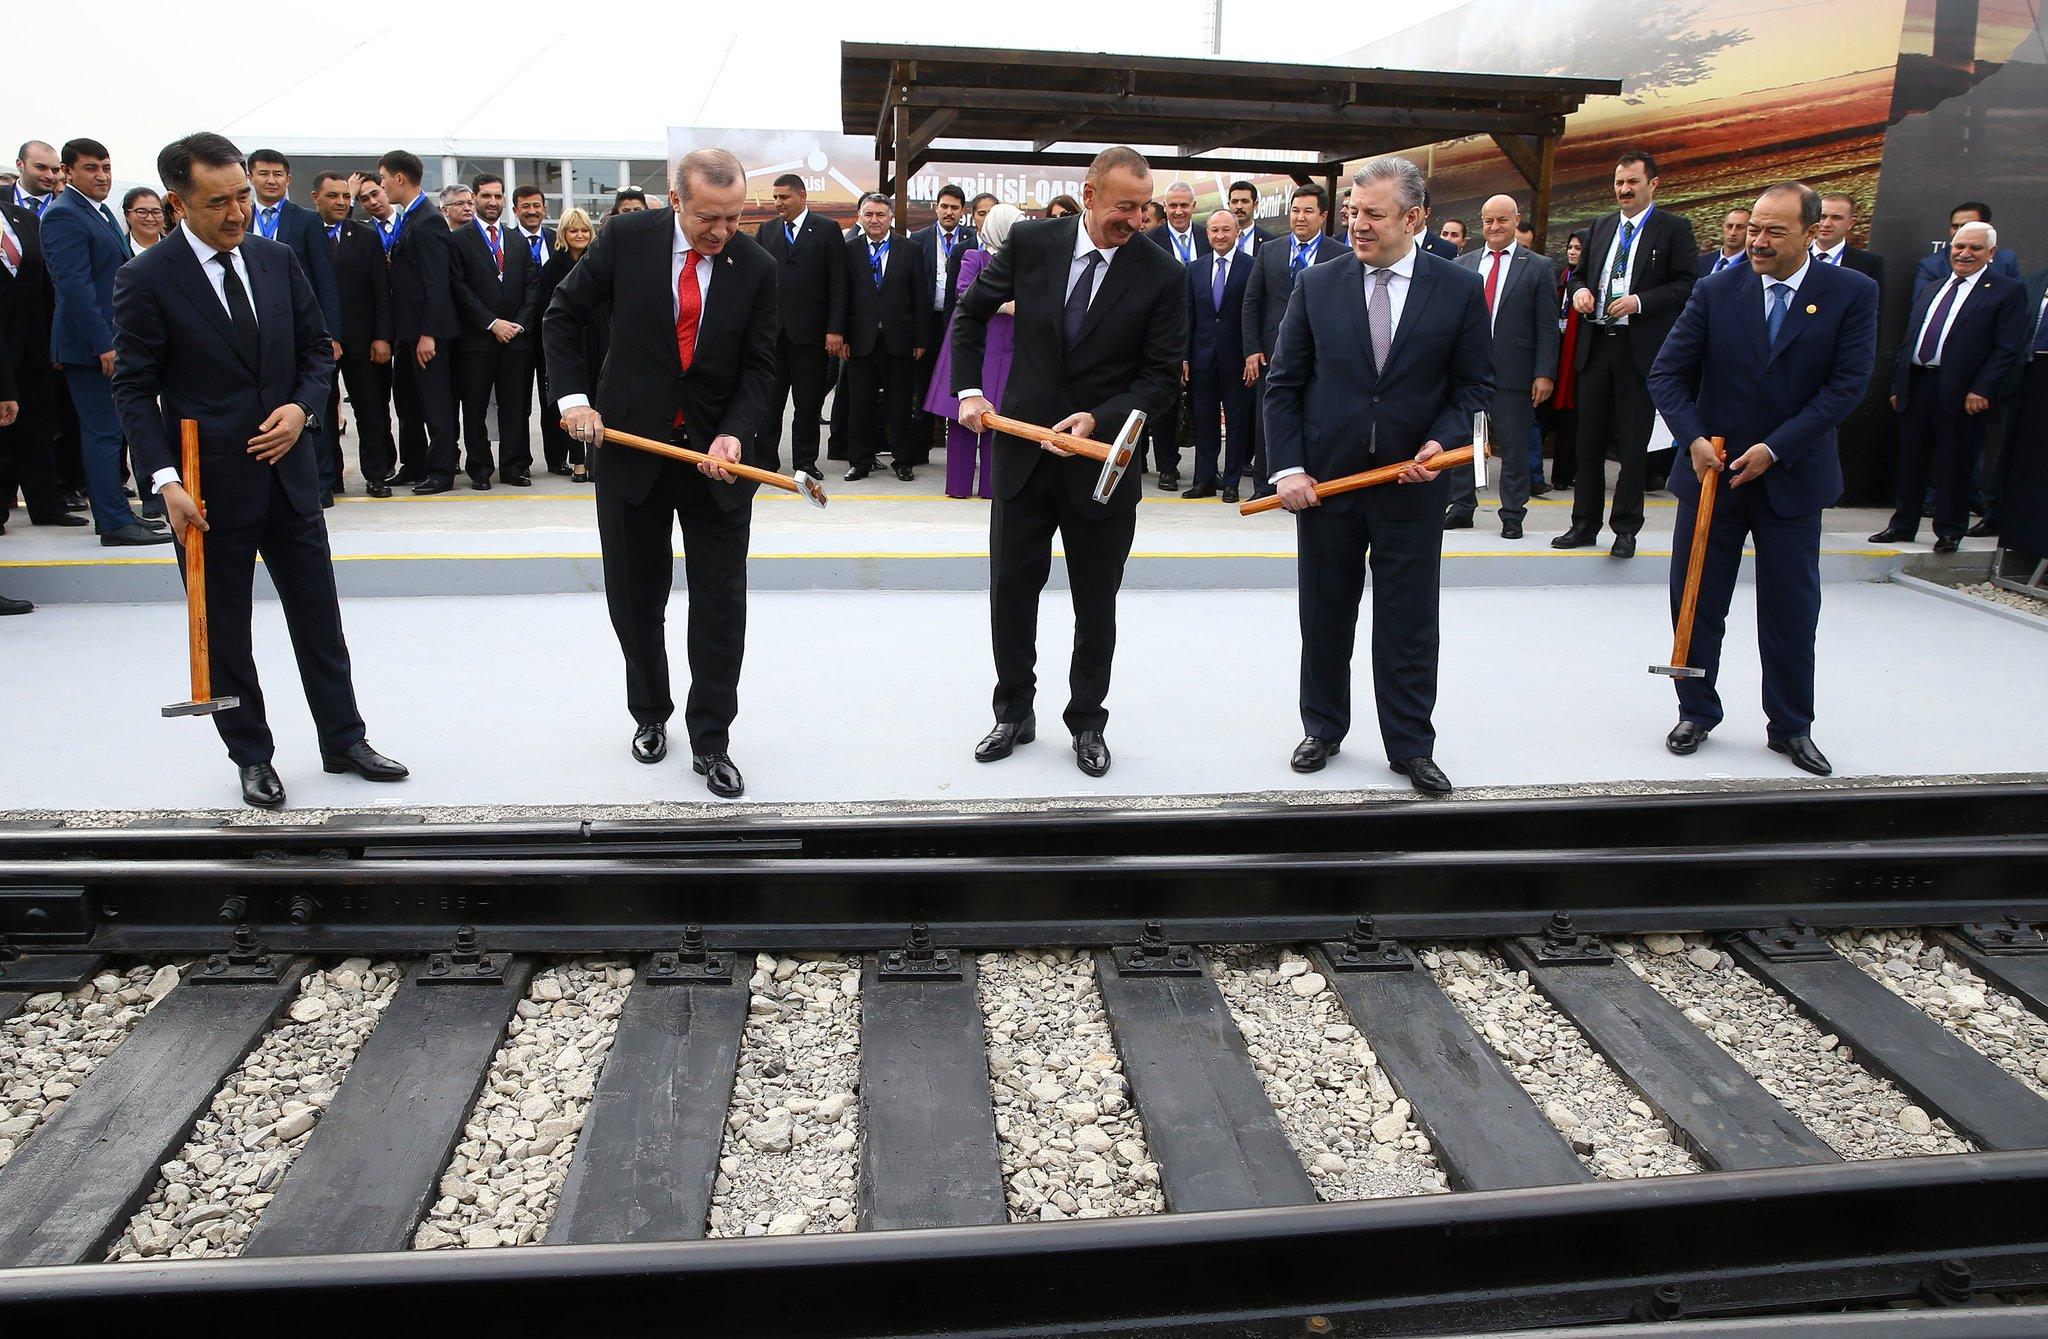 Açılan demiryolu hattı; Türkiye, Azerbaycan ve Gürcistan yönetimlerinin ortak başarısıdır. https://t.co/ODJuqgdJxB